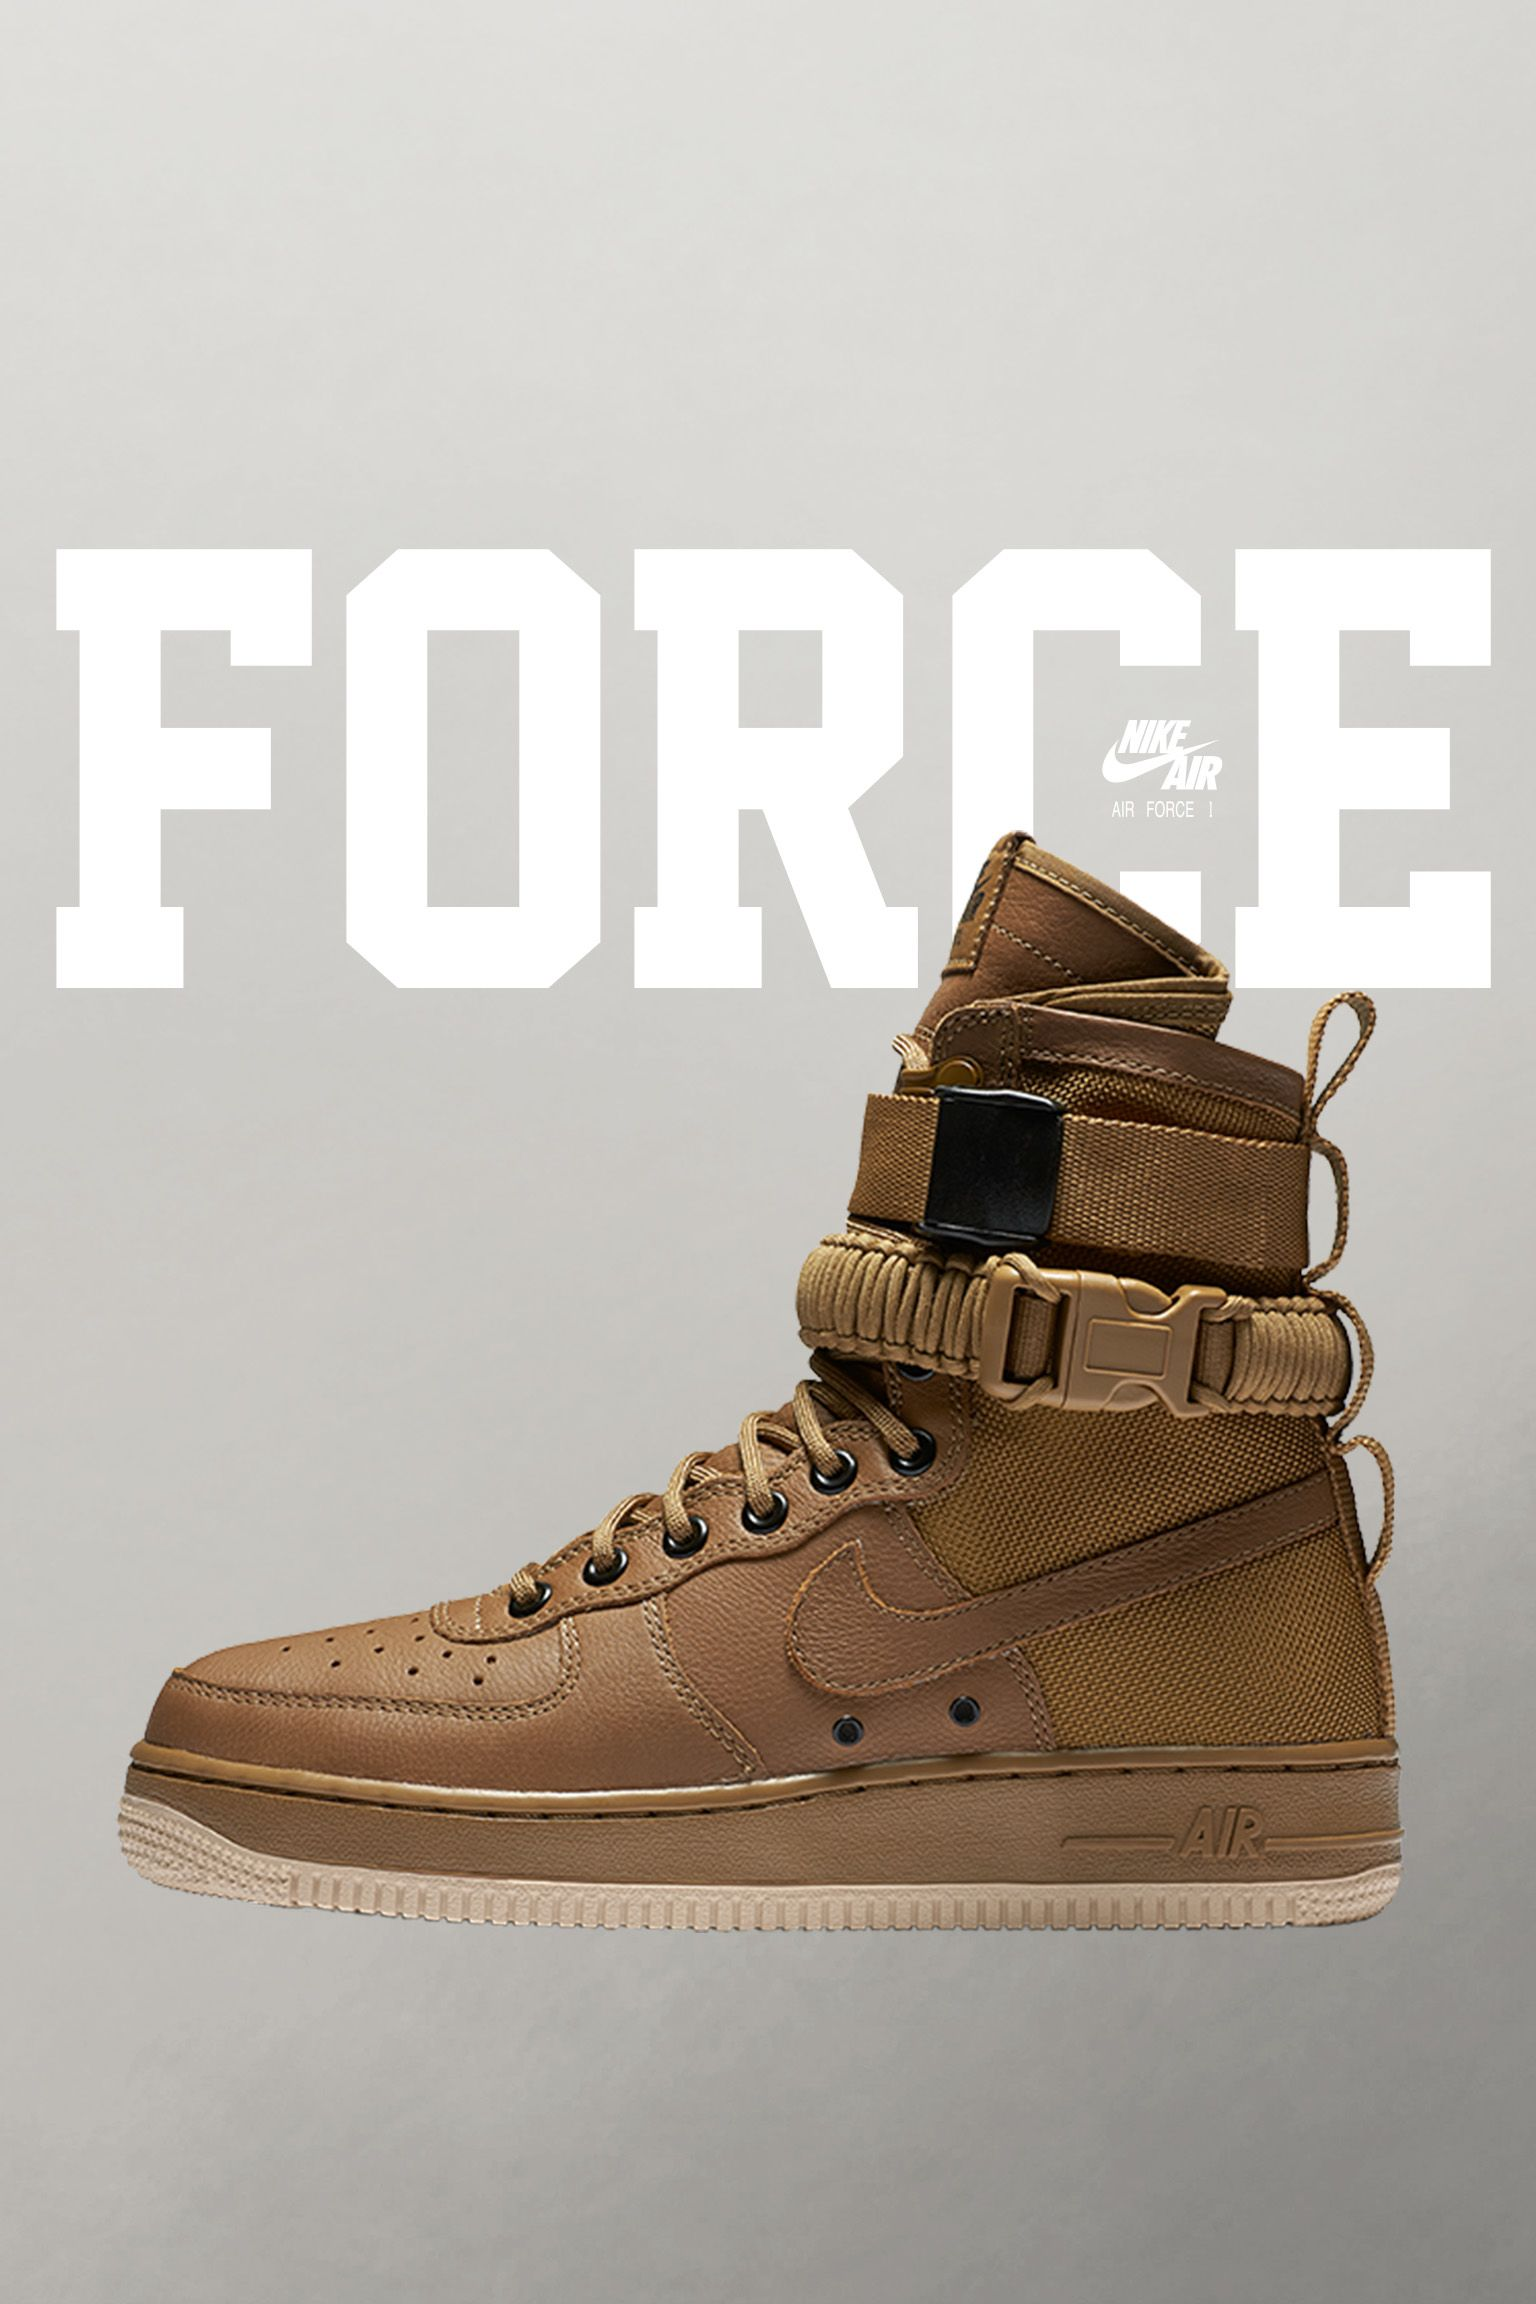 Nike Special Field Air Force 1 'Golden Beige' voor dames. Releasedatum